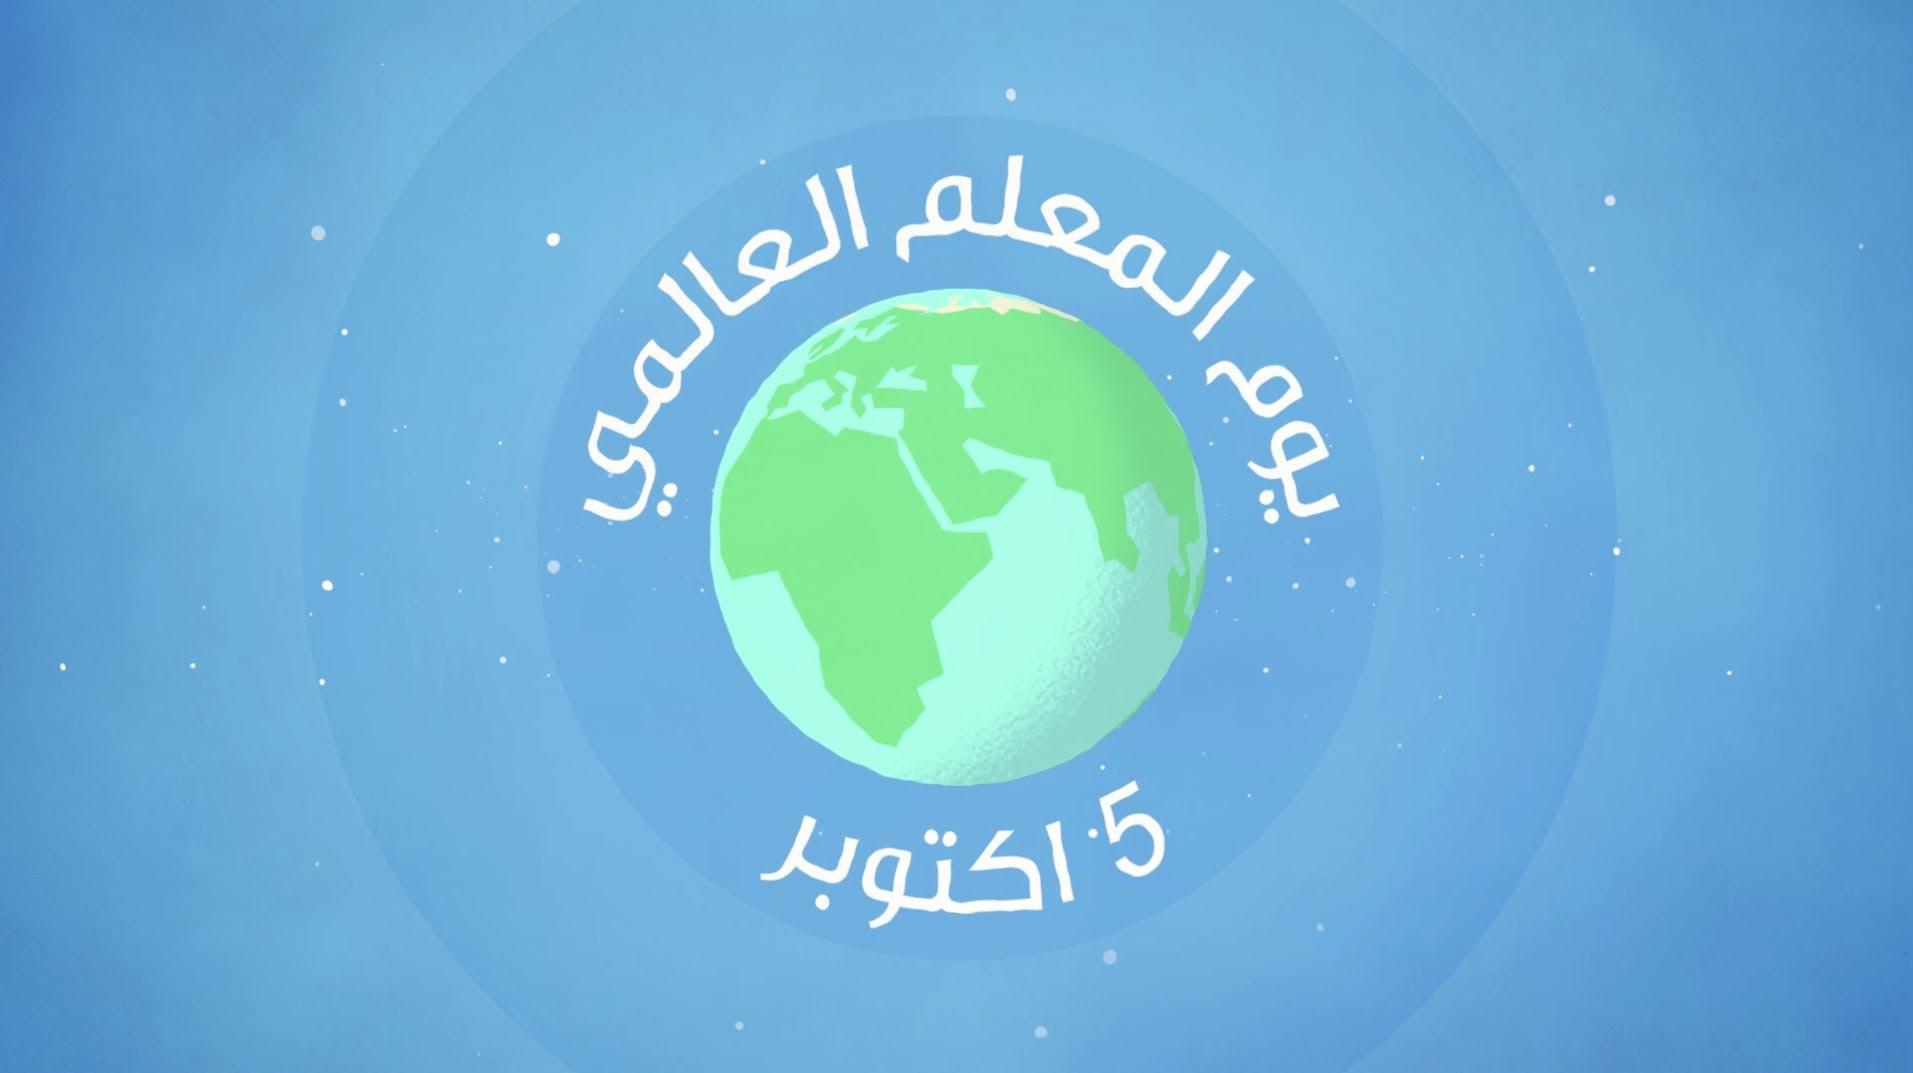 يوم المعلم - العالم يحتفل بالذكر ال25 للمعلم